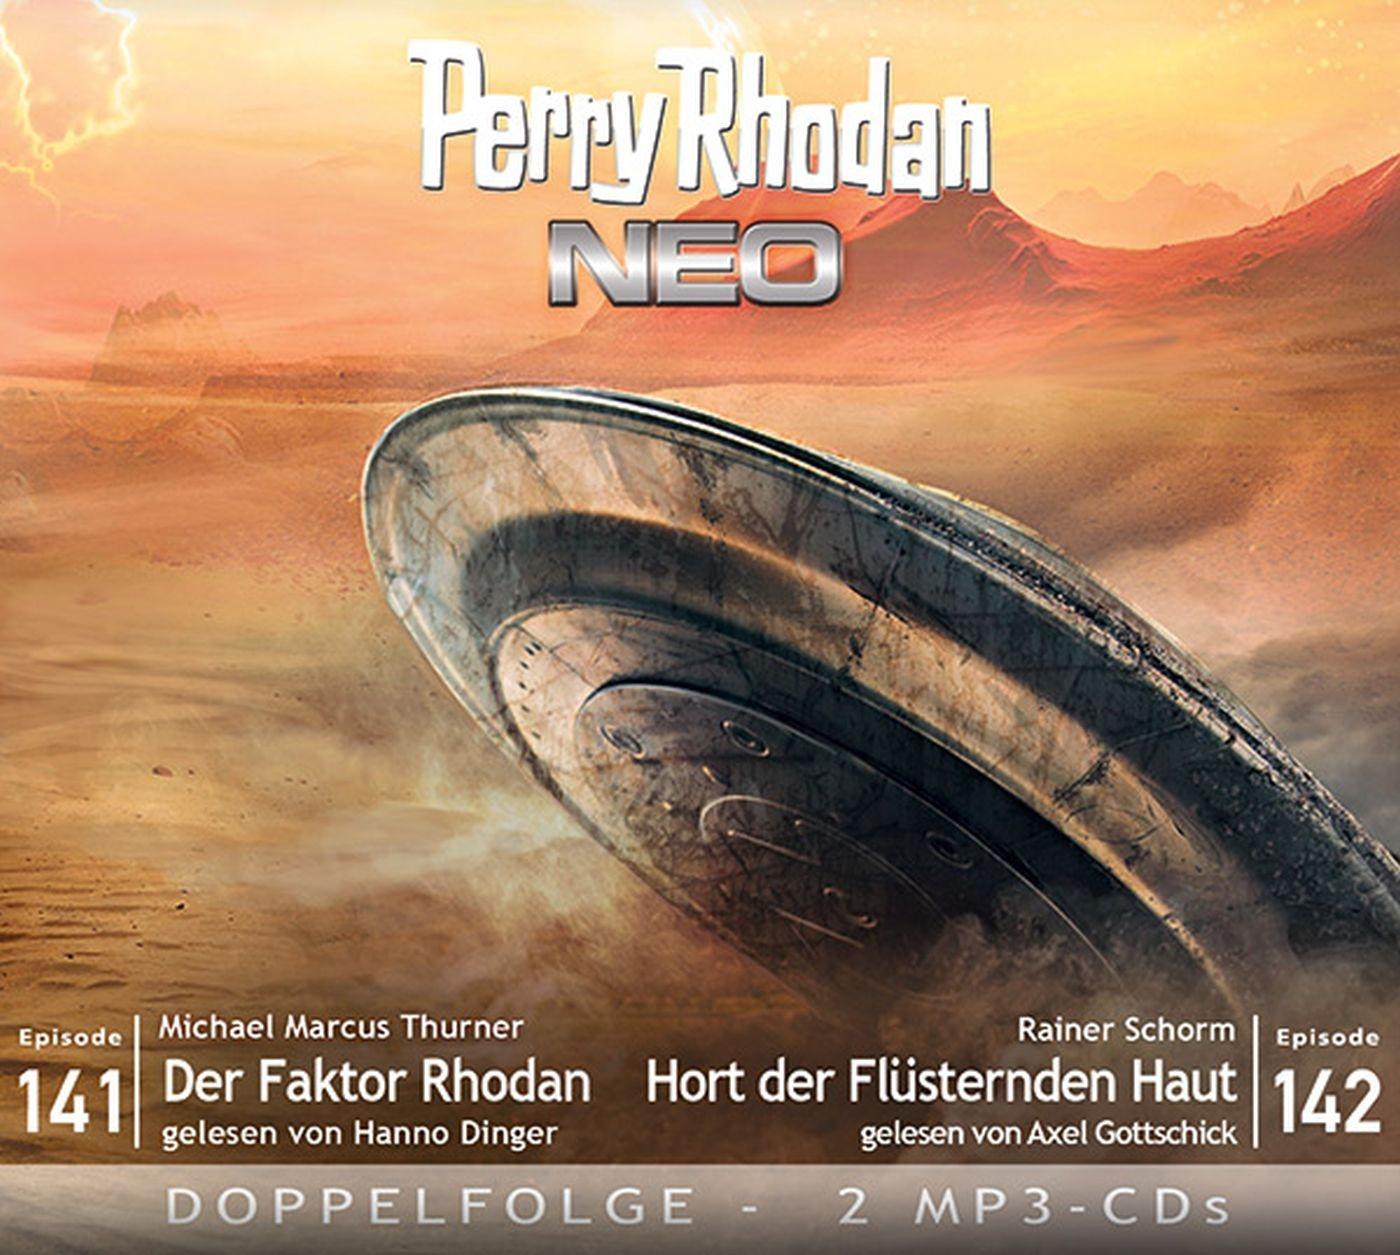 Perry Rhodan Neo MP3 Doppel-CD Episoden 141+142